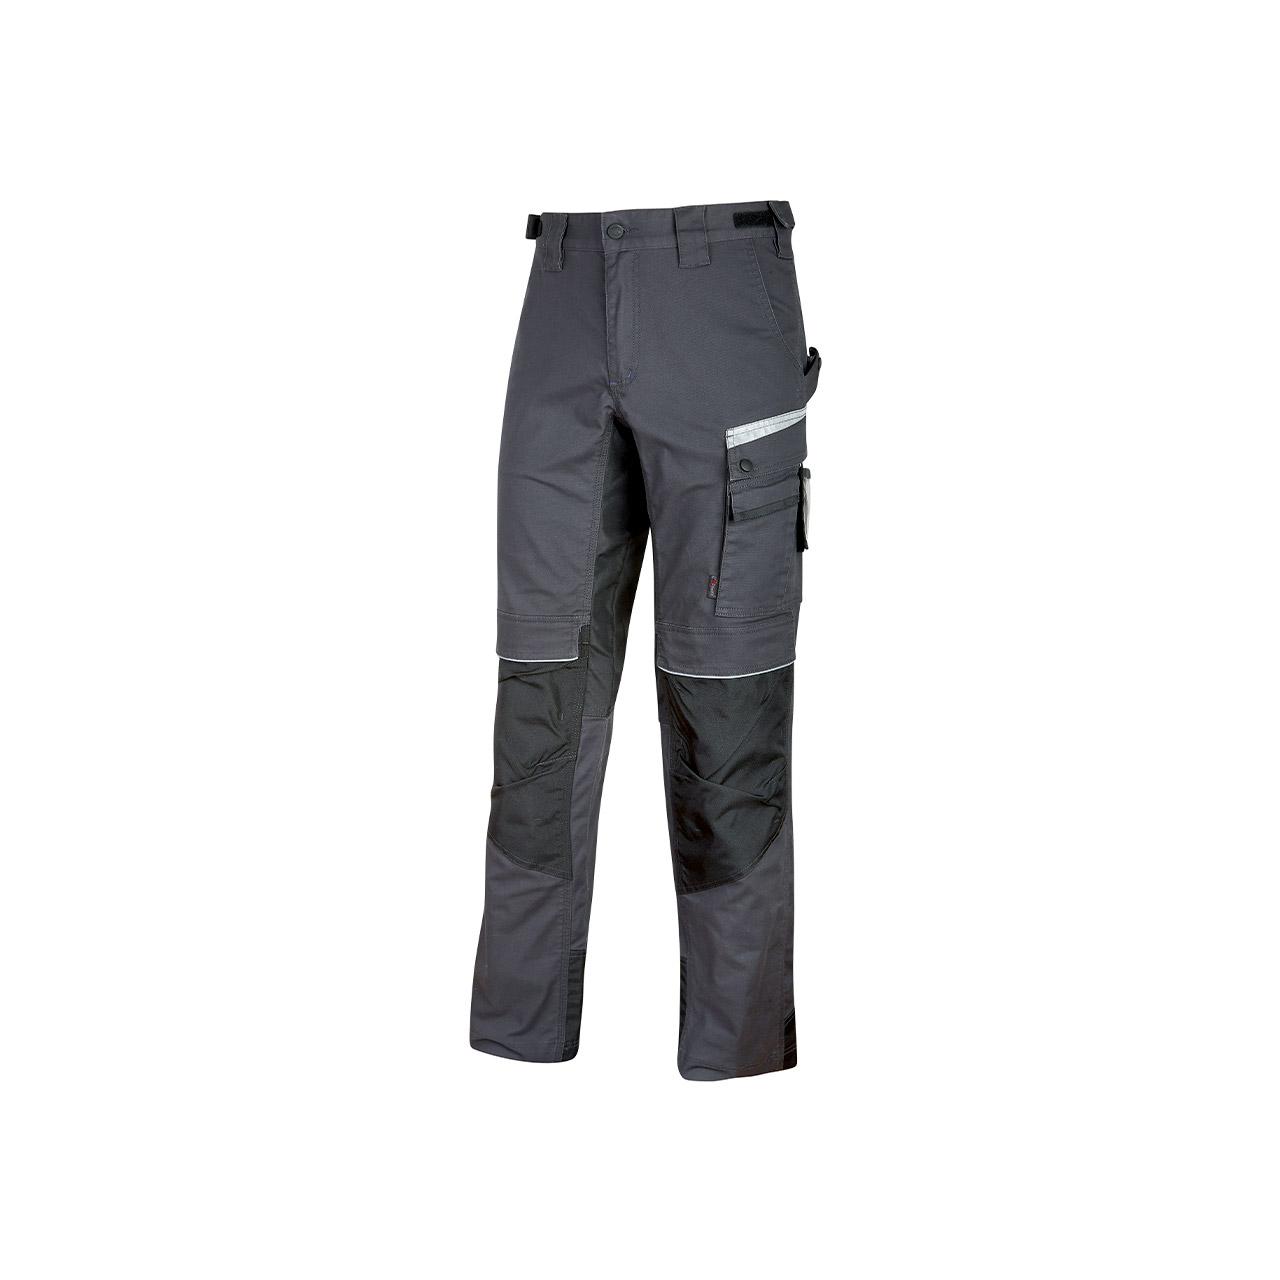 pantalone da lavoro upower modello flash colore asphalt